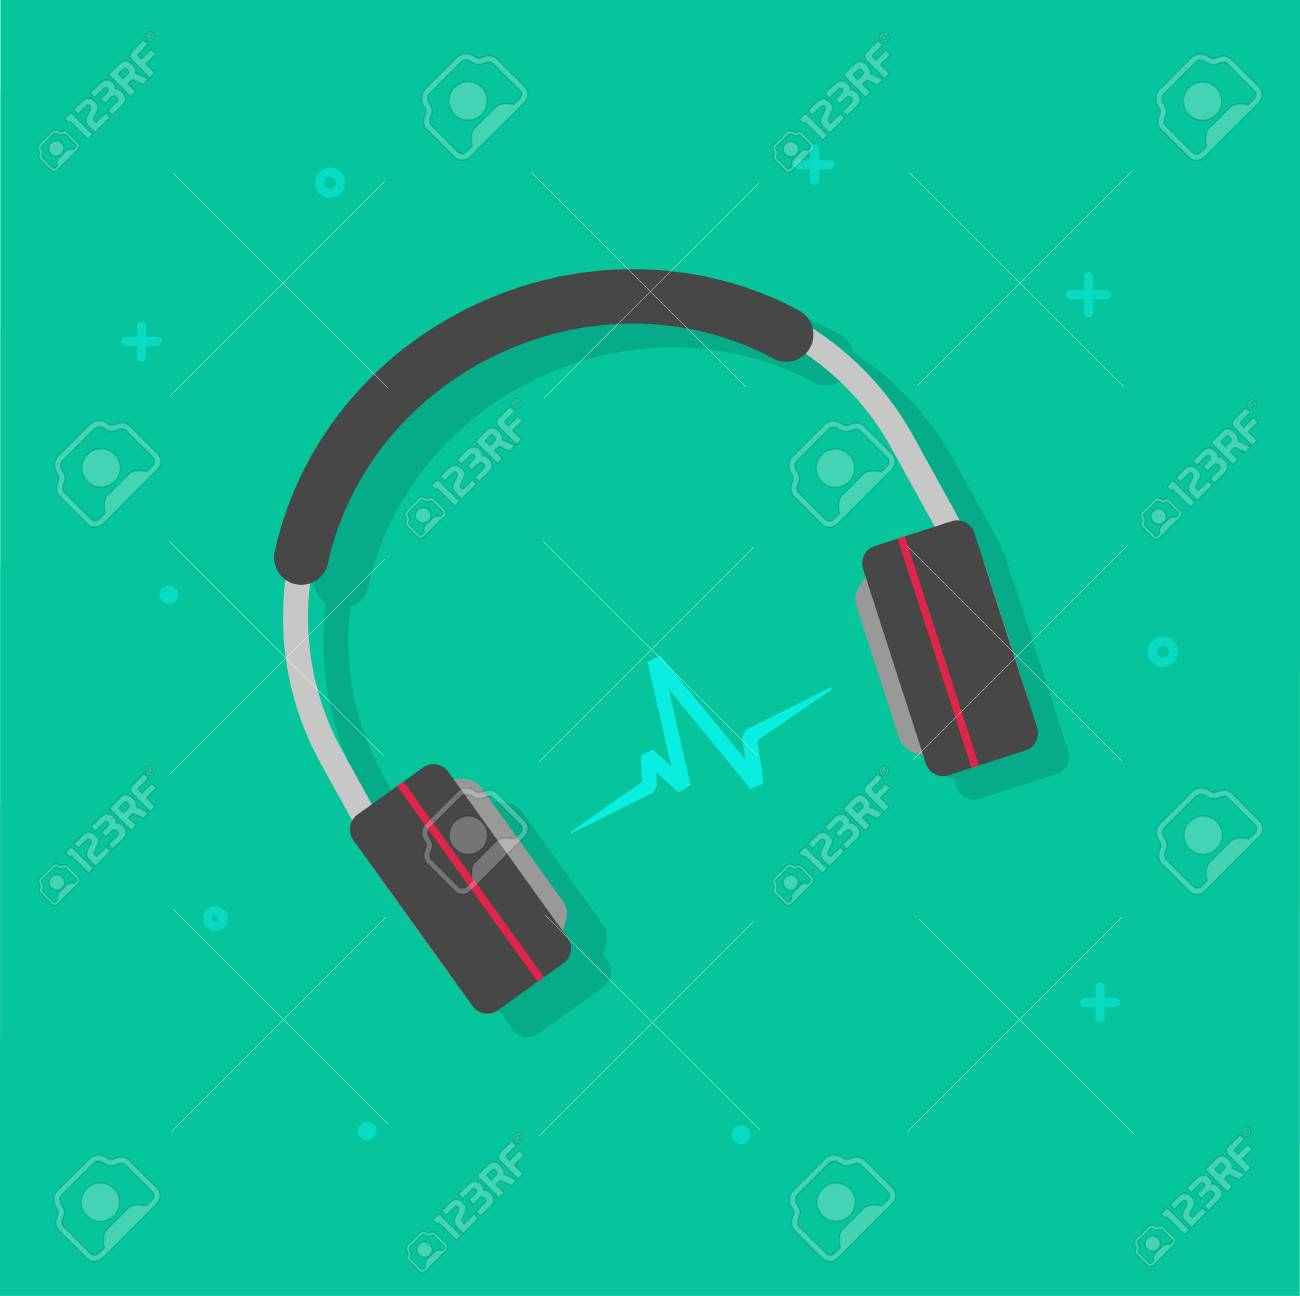 Unduh 72 Gambar Headset Dan Earphone Paling Baru Gratis HD